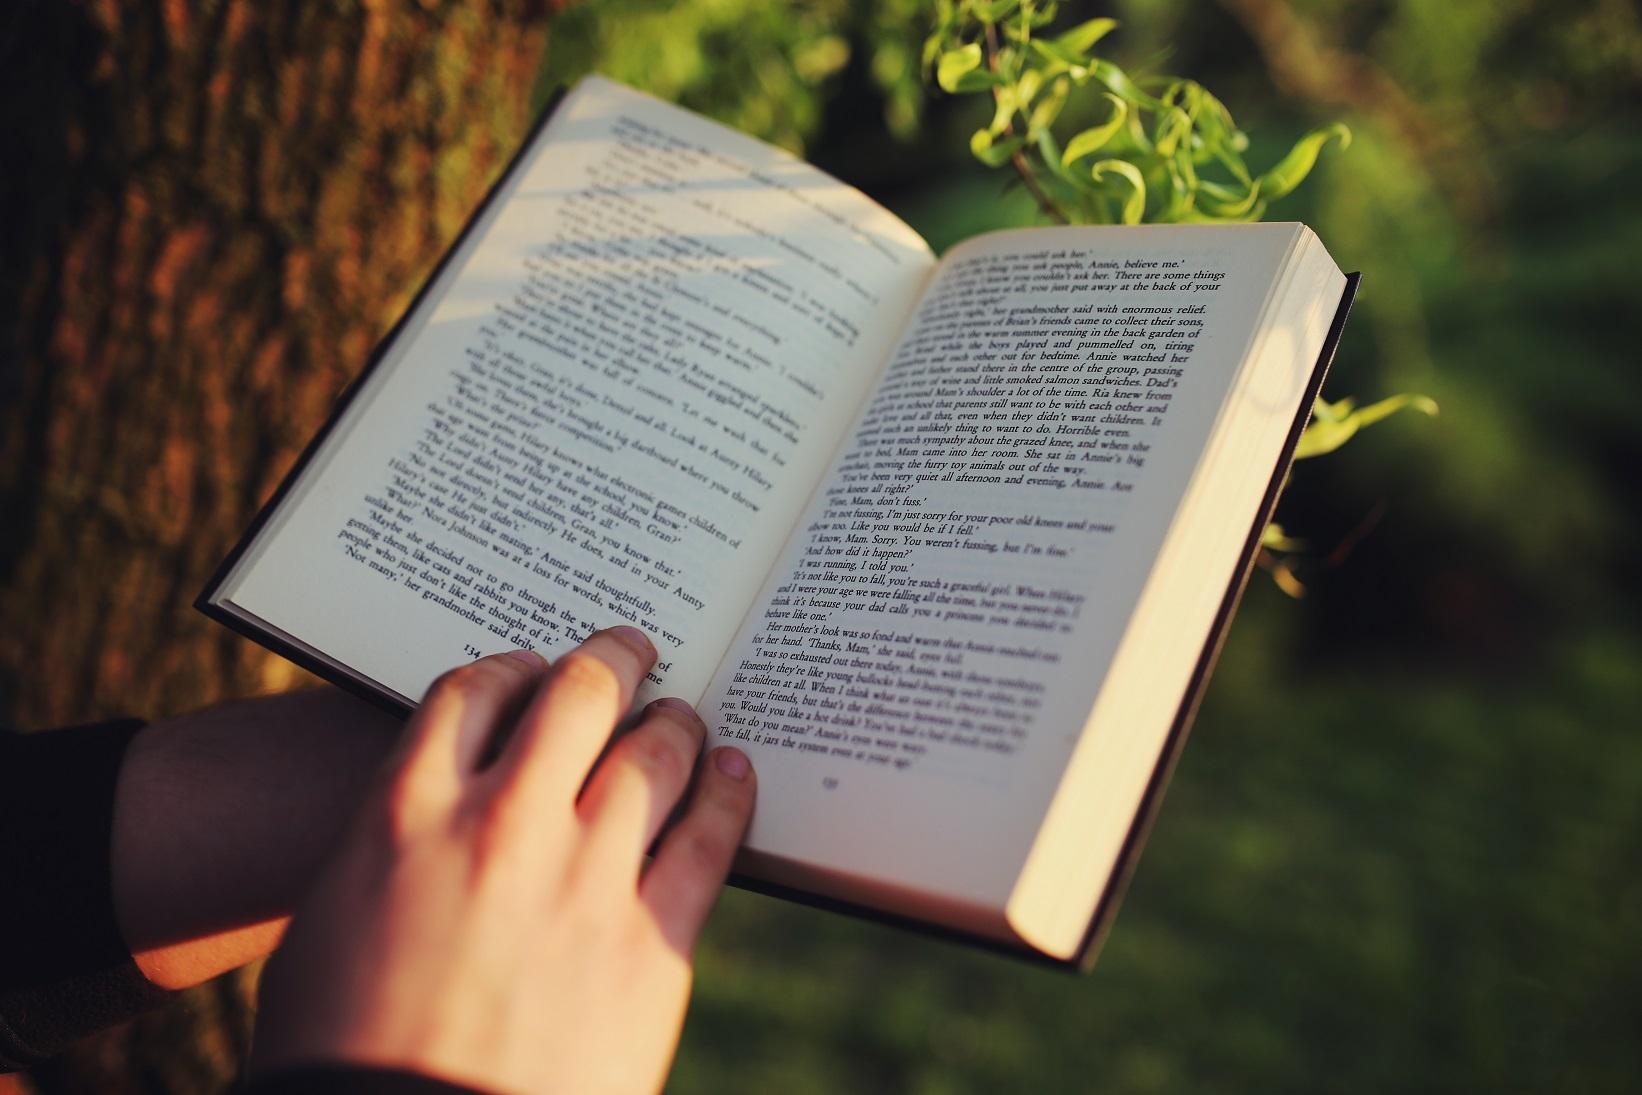 Đọc nhiều câu - đoạn văn liên quan đến chủ điểm từ vựng tiếng Anh lớp 8